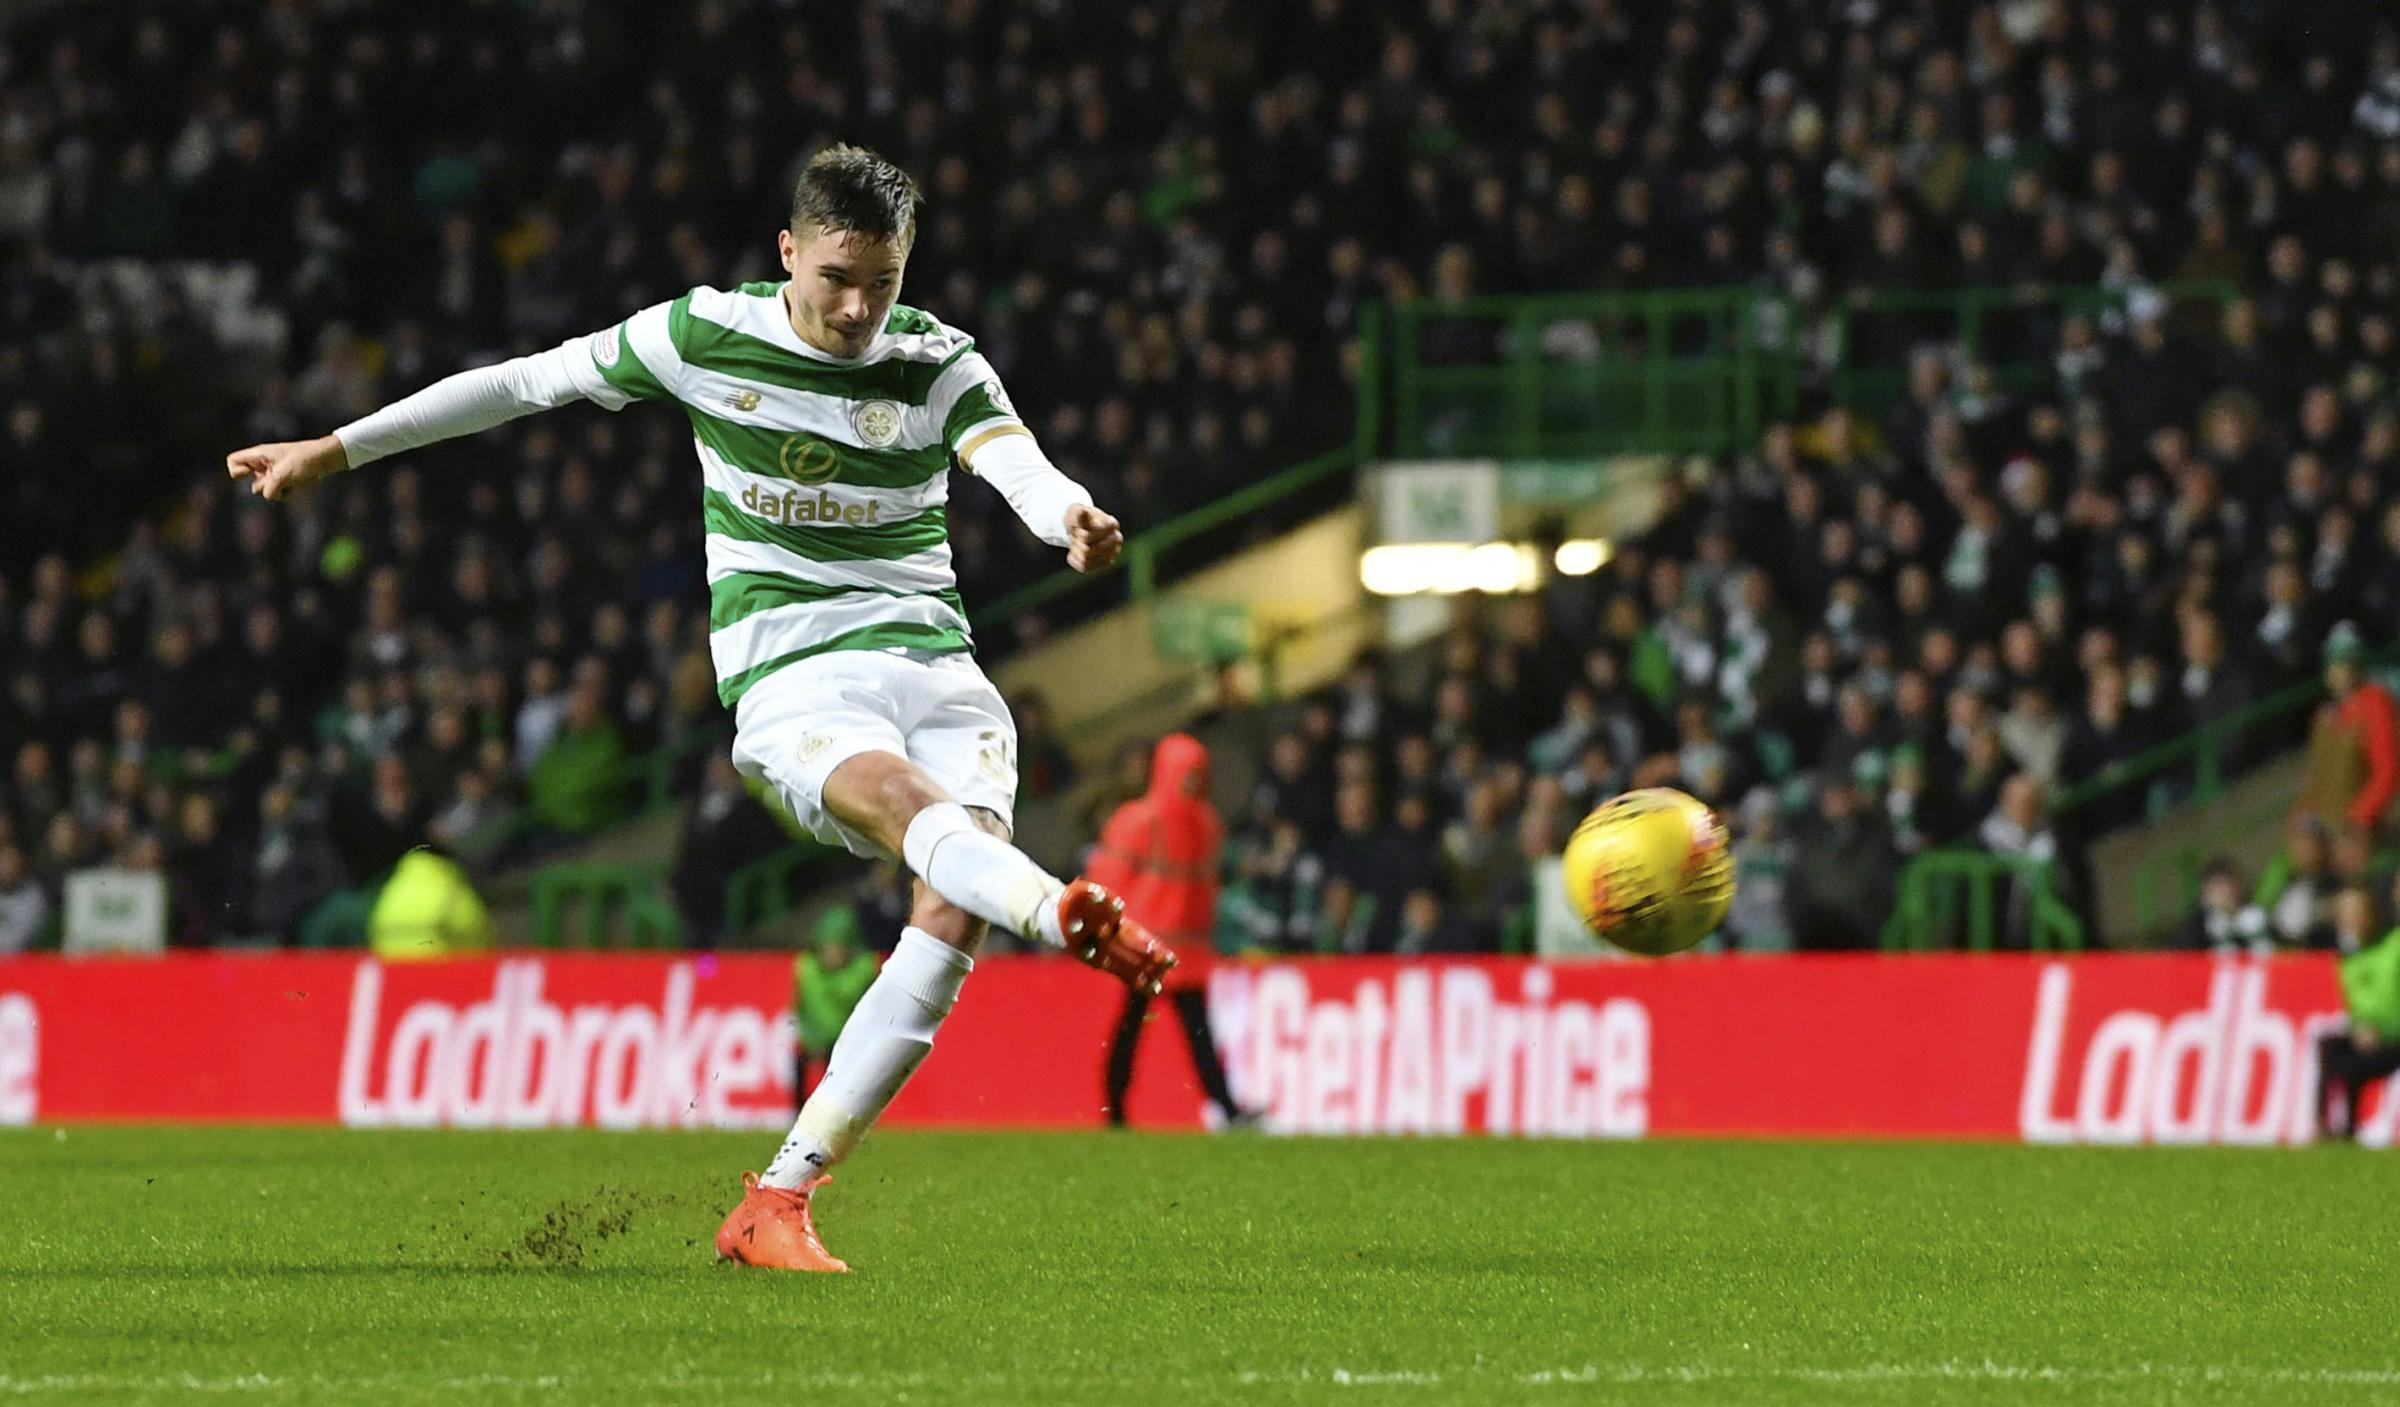 Should Celtic keep Mikael Lustig at Parkhead next season?